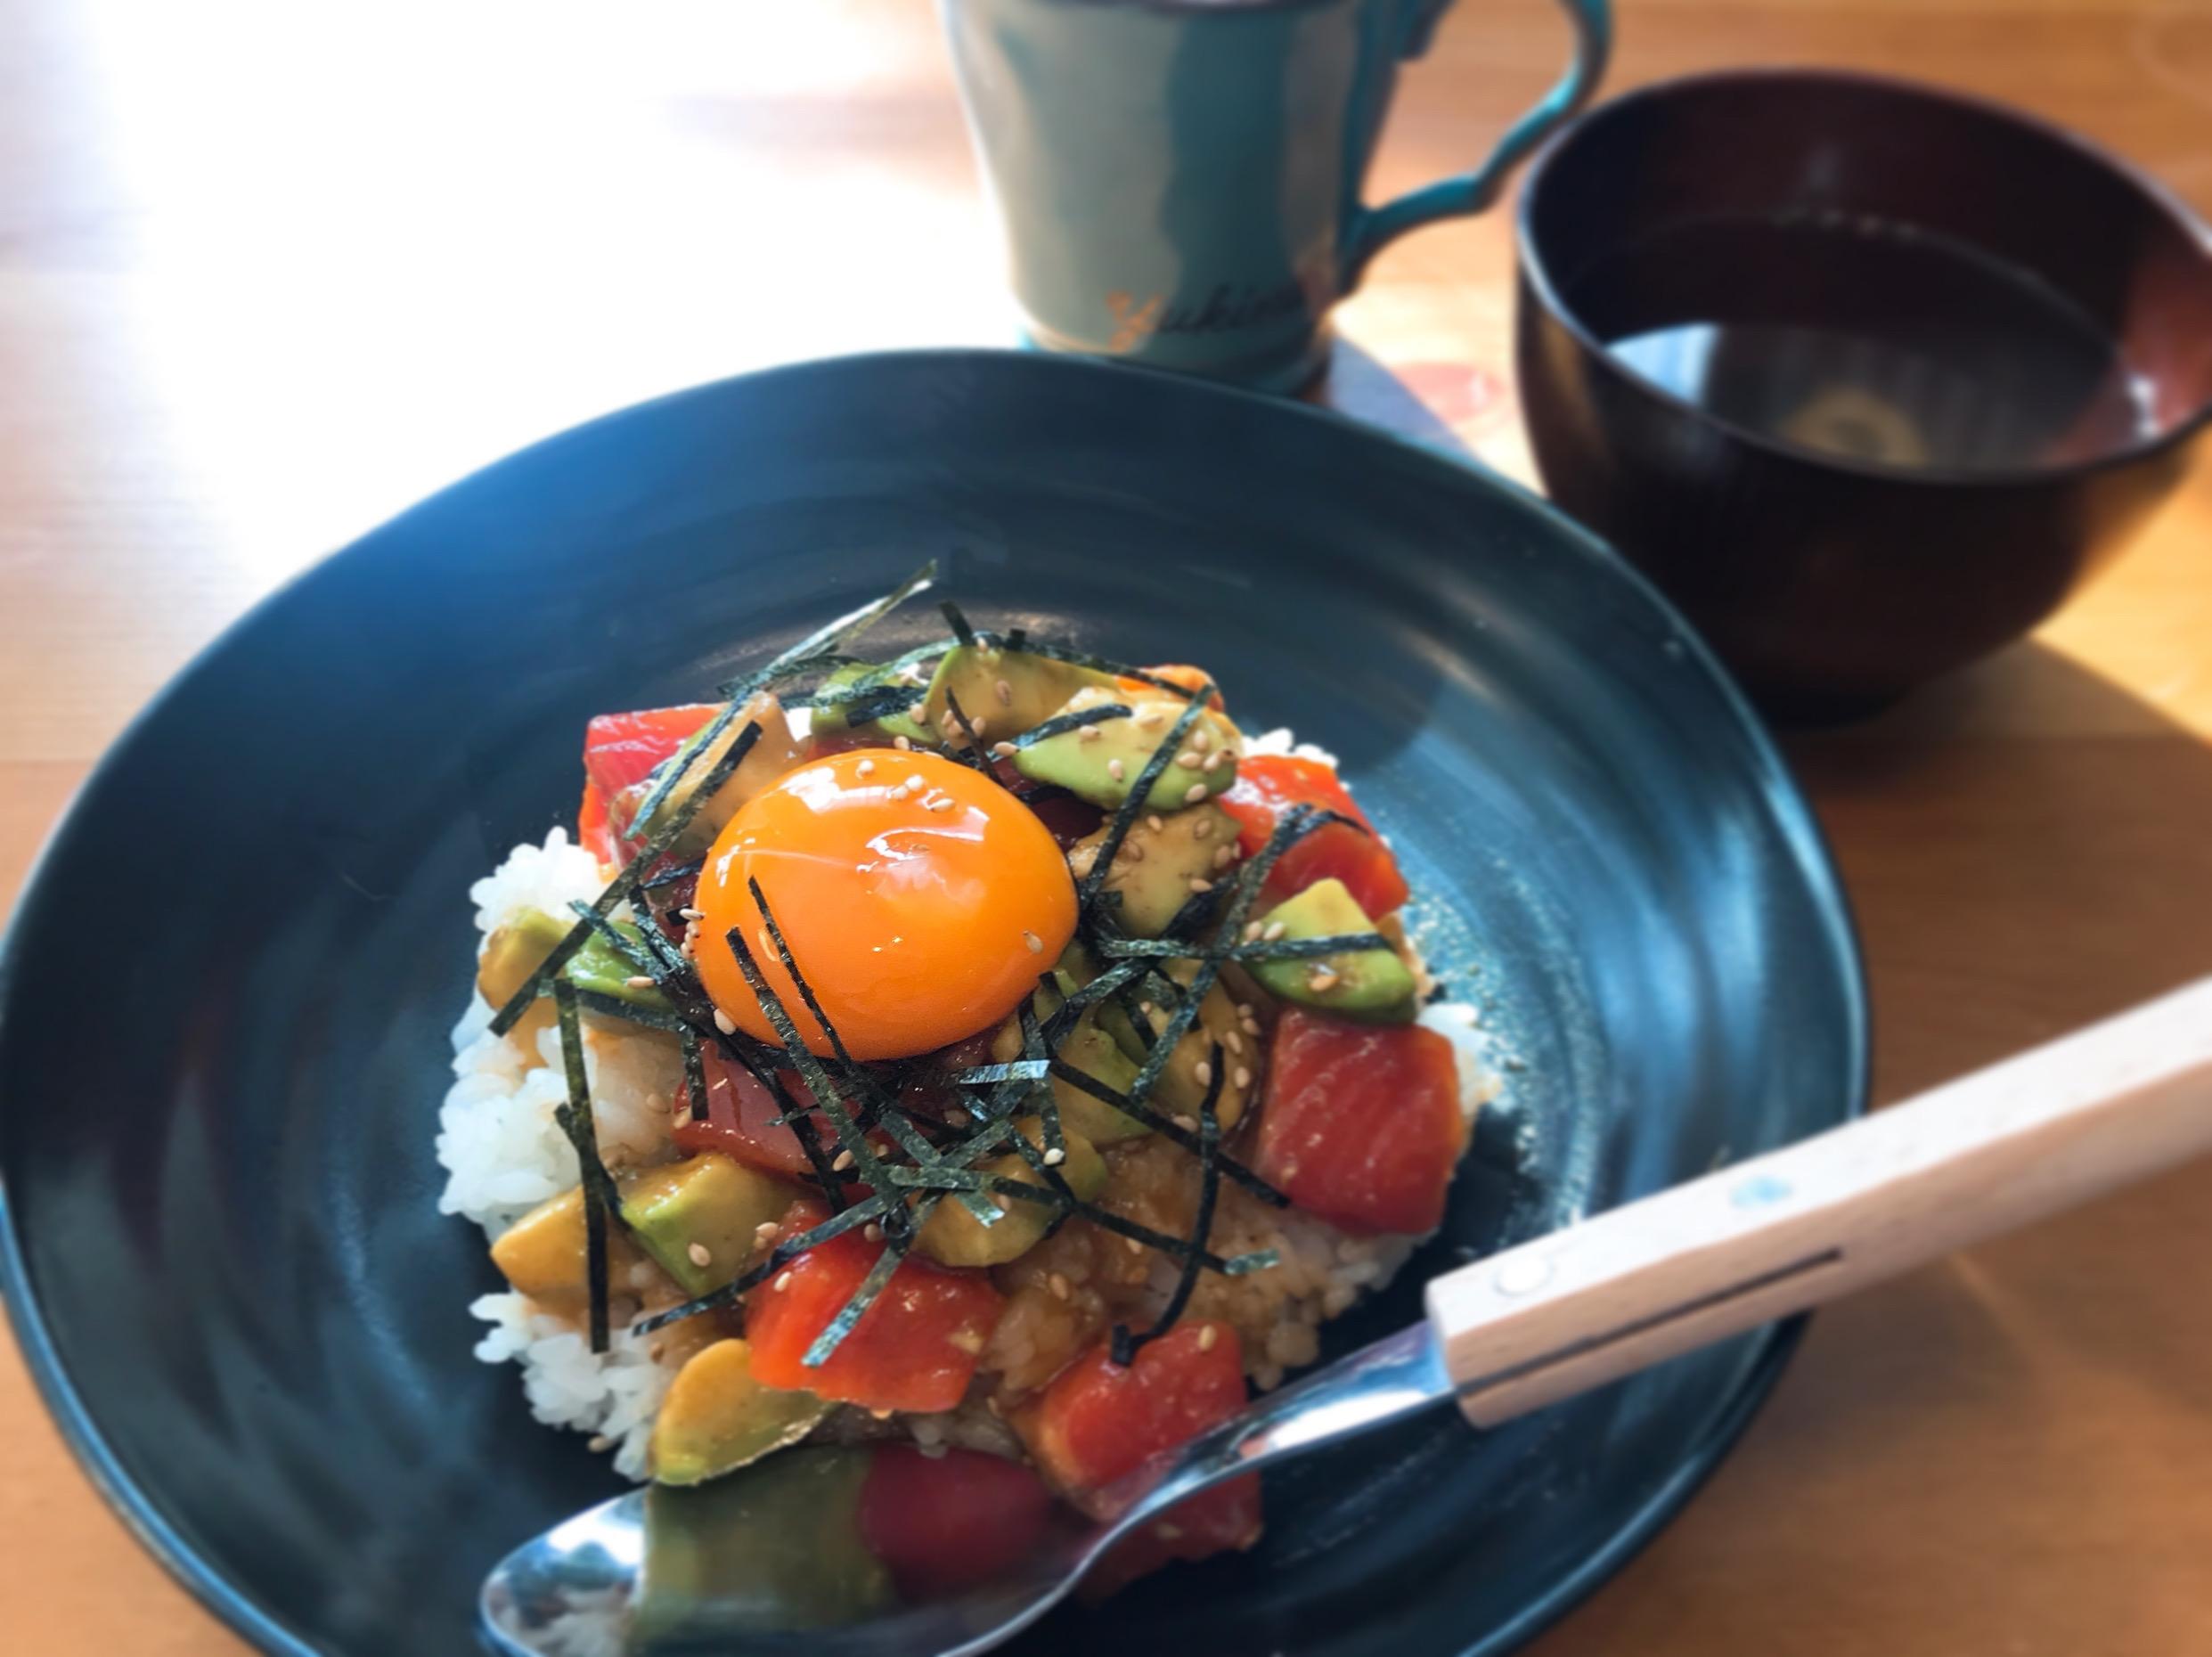 【テレワーク夫婦の時短ランチ】《アボガドサーモンユッケ丼》パパッと作れて美味しいカフェ風メニュー♪_1